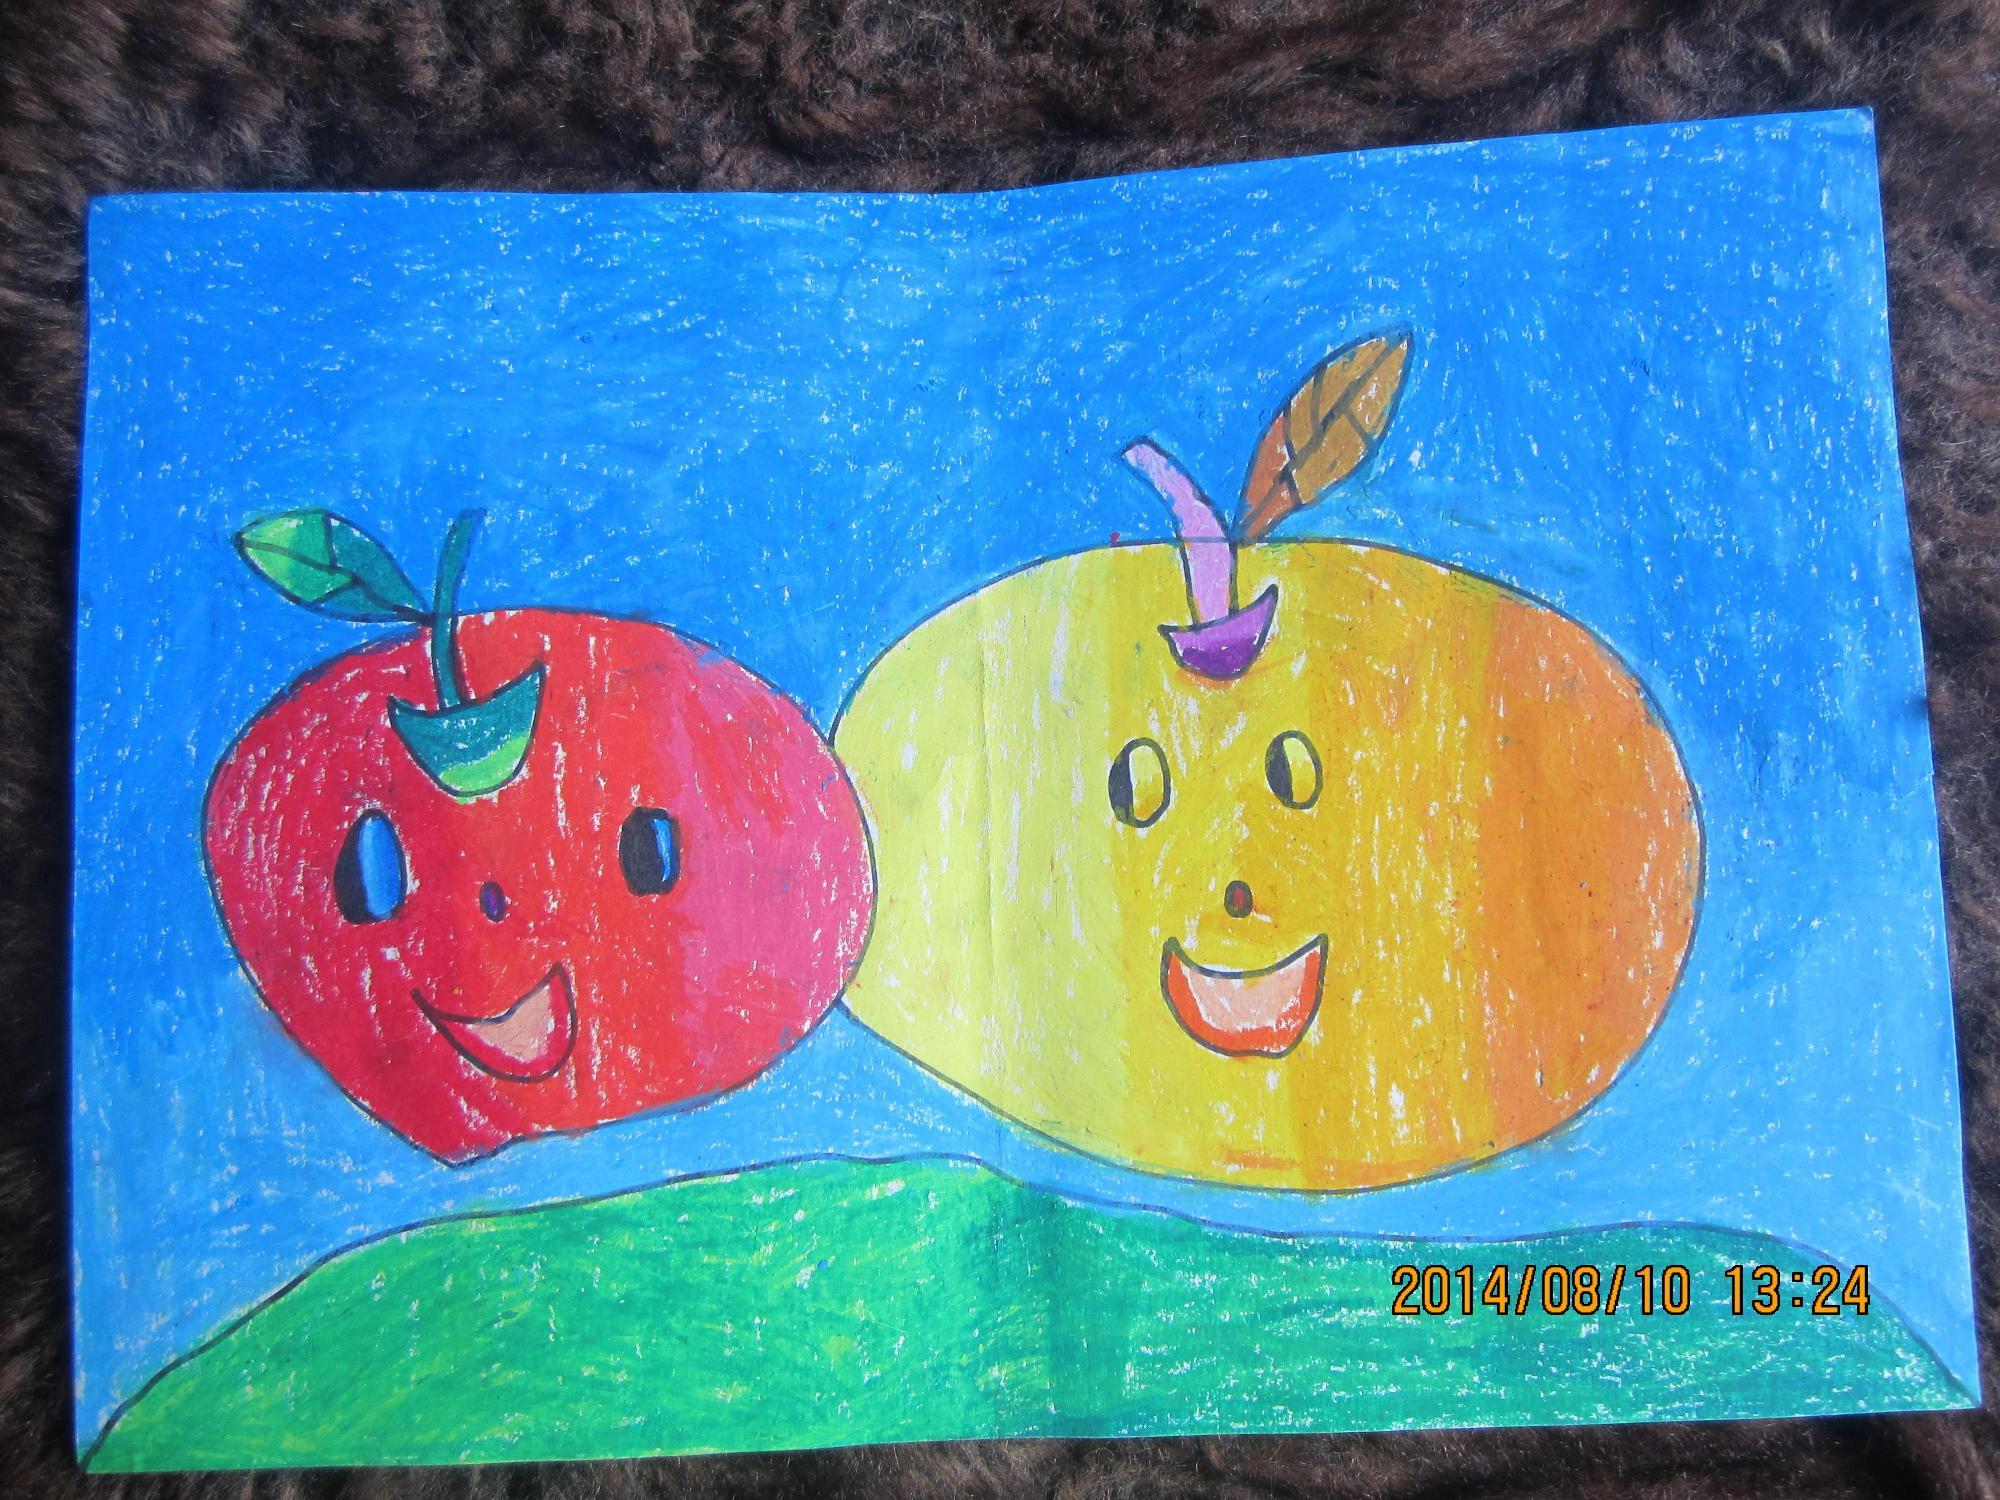 苹果-蜡笔画图集